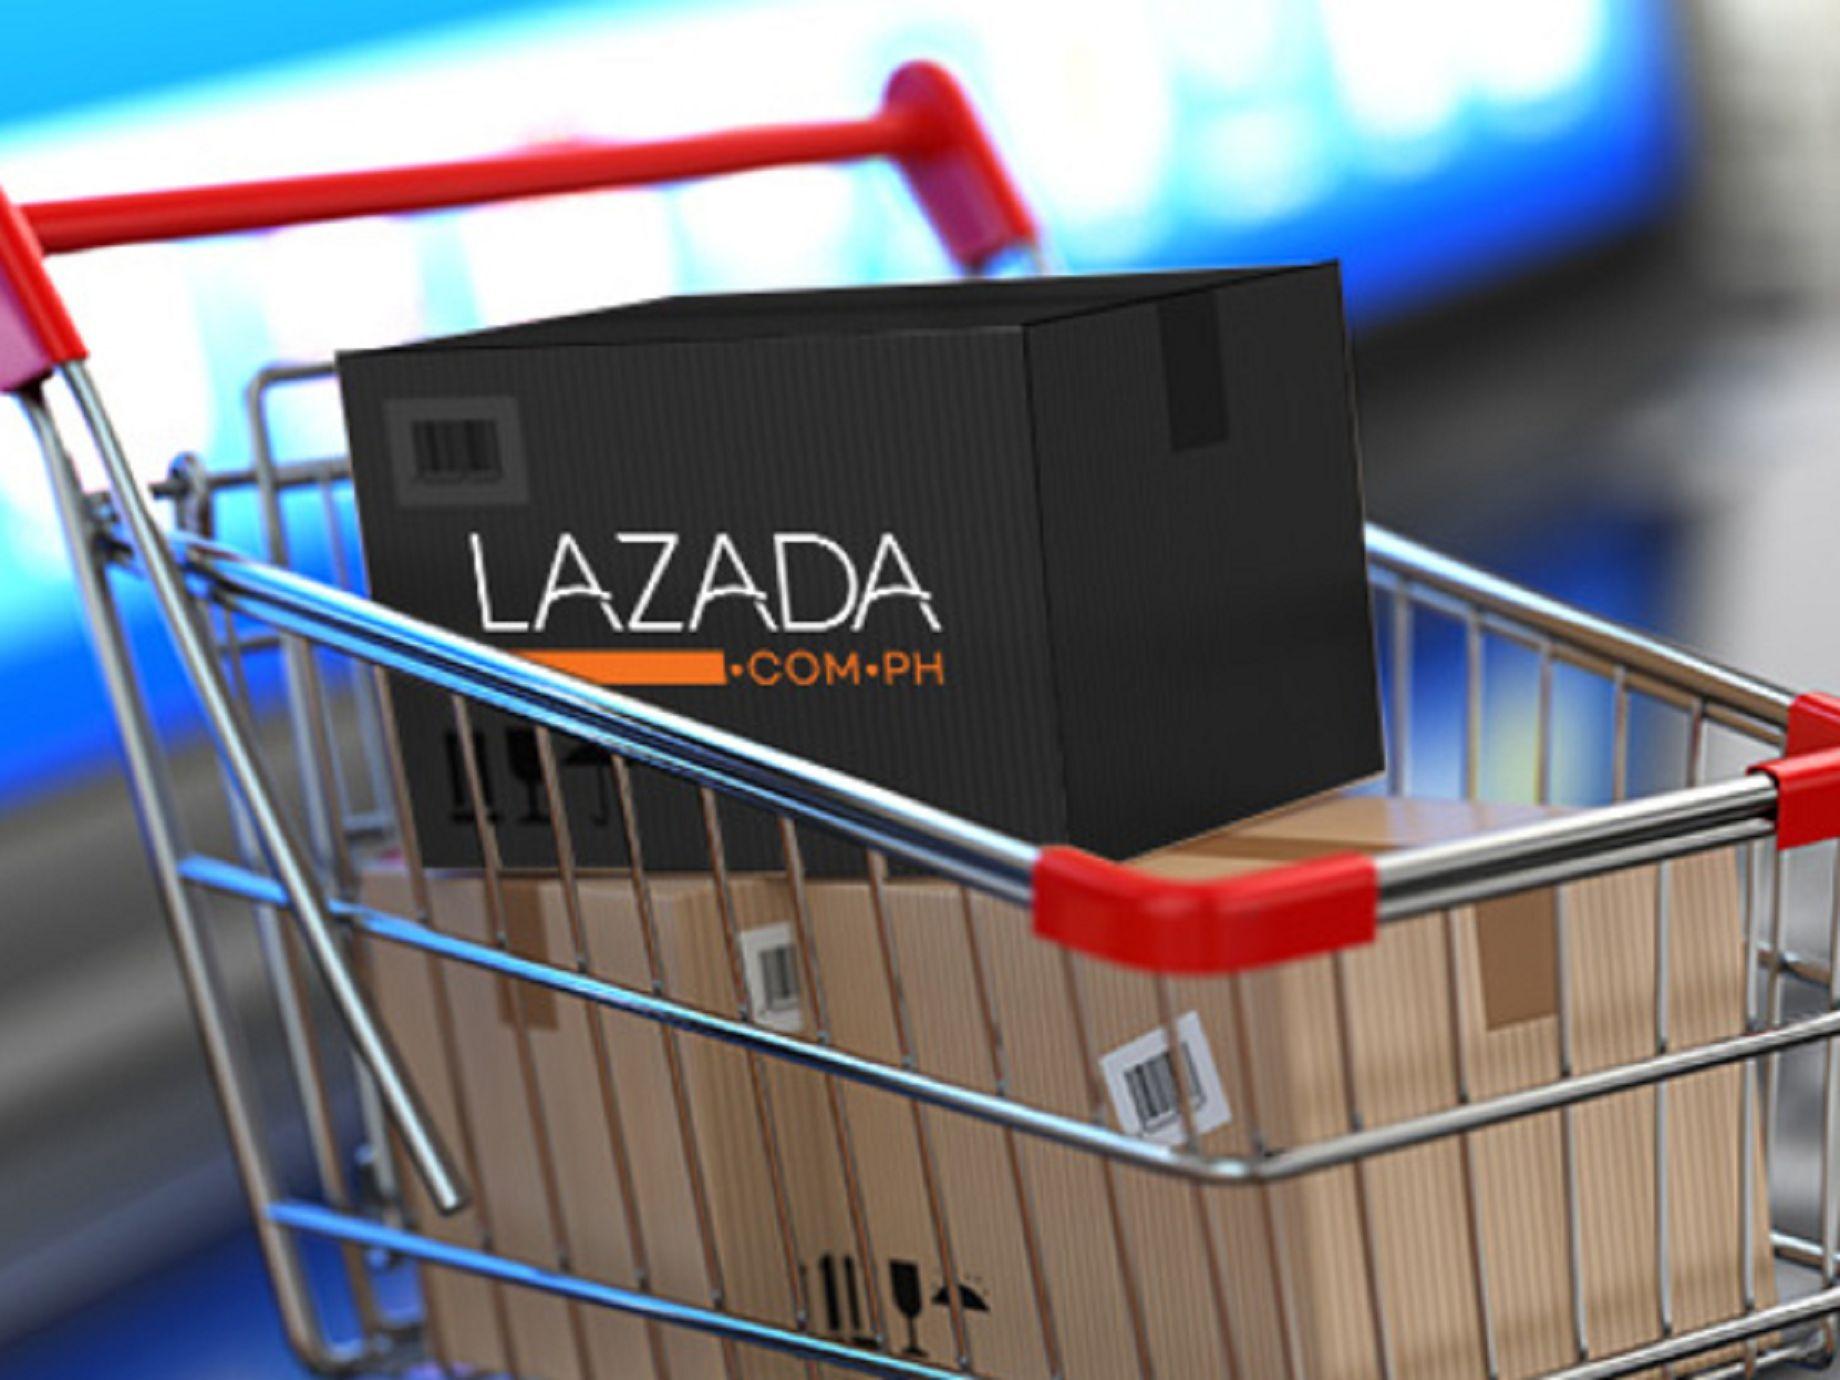 電商巨頭入東南亞,目前Lazada繼續穩坐市場寶座